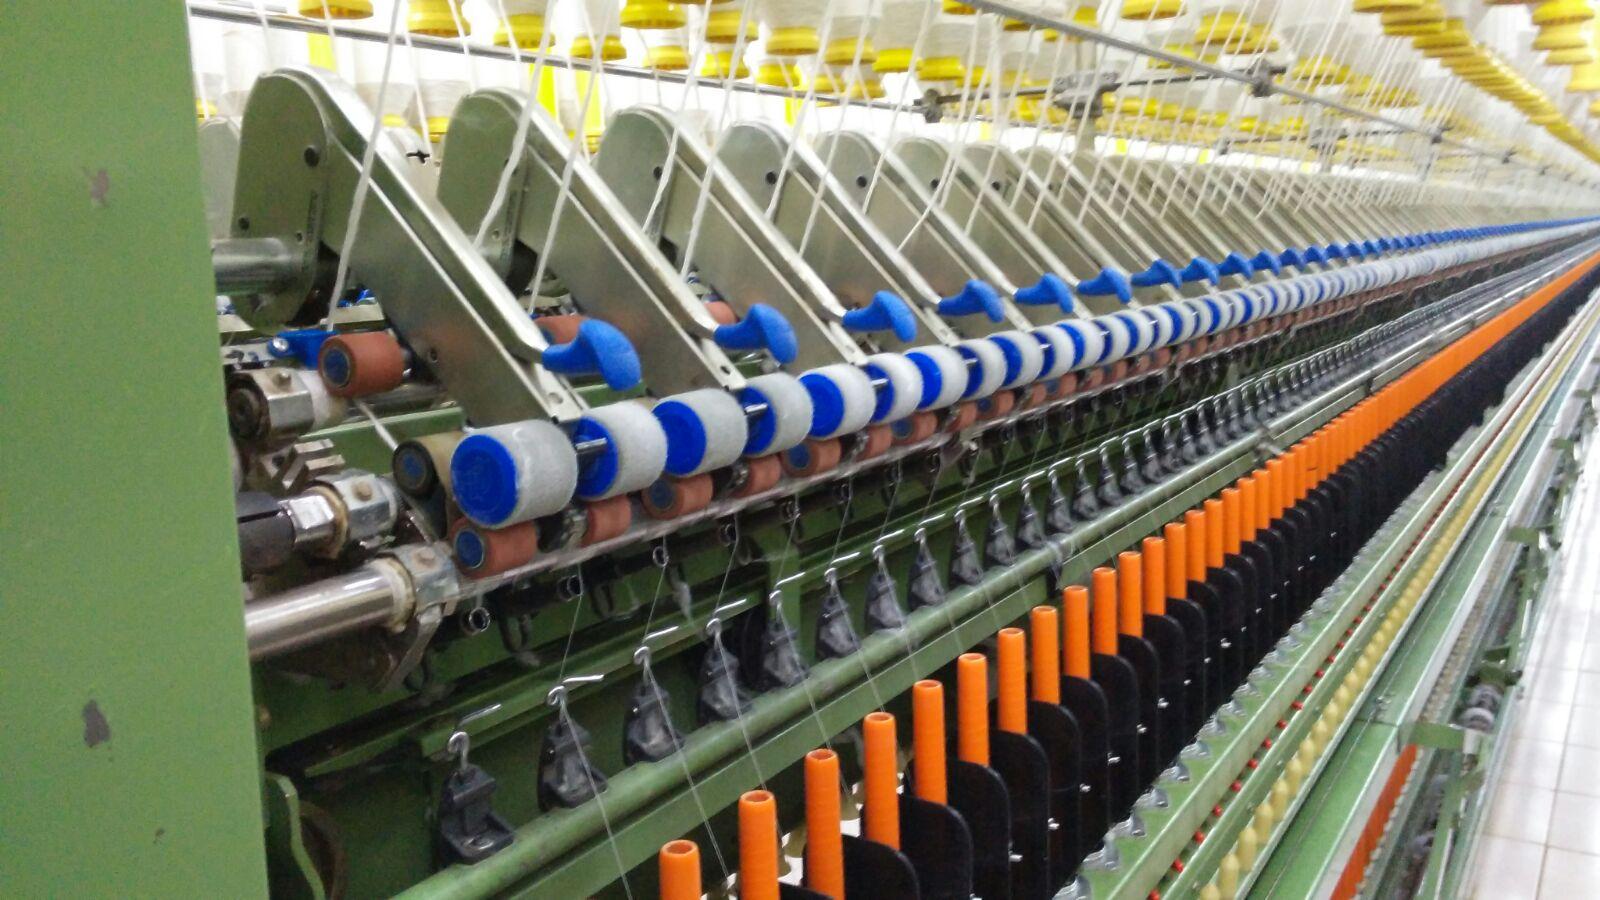 Süessen Fiomax 1000 Spinning machine - Exapro